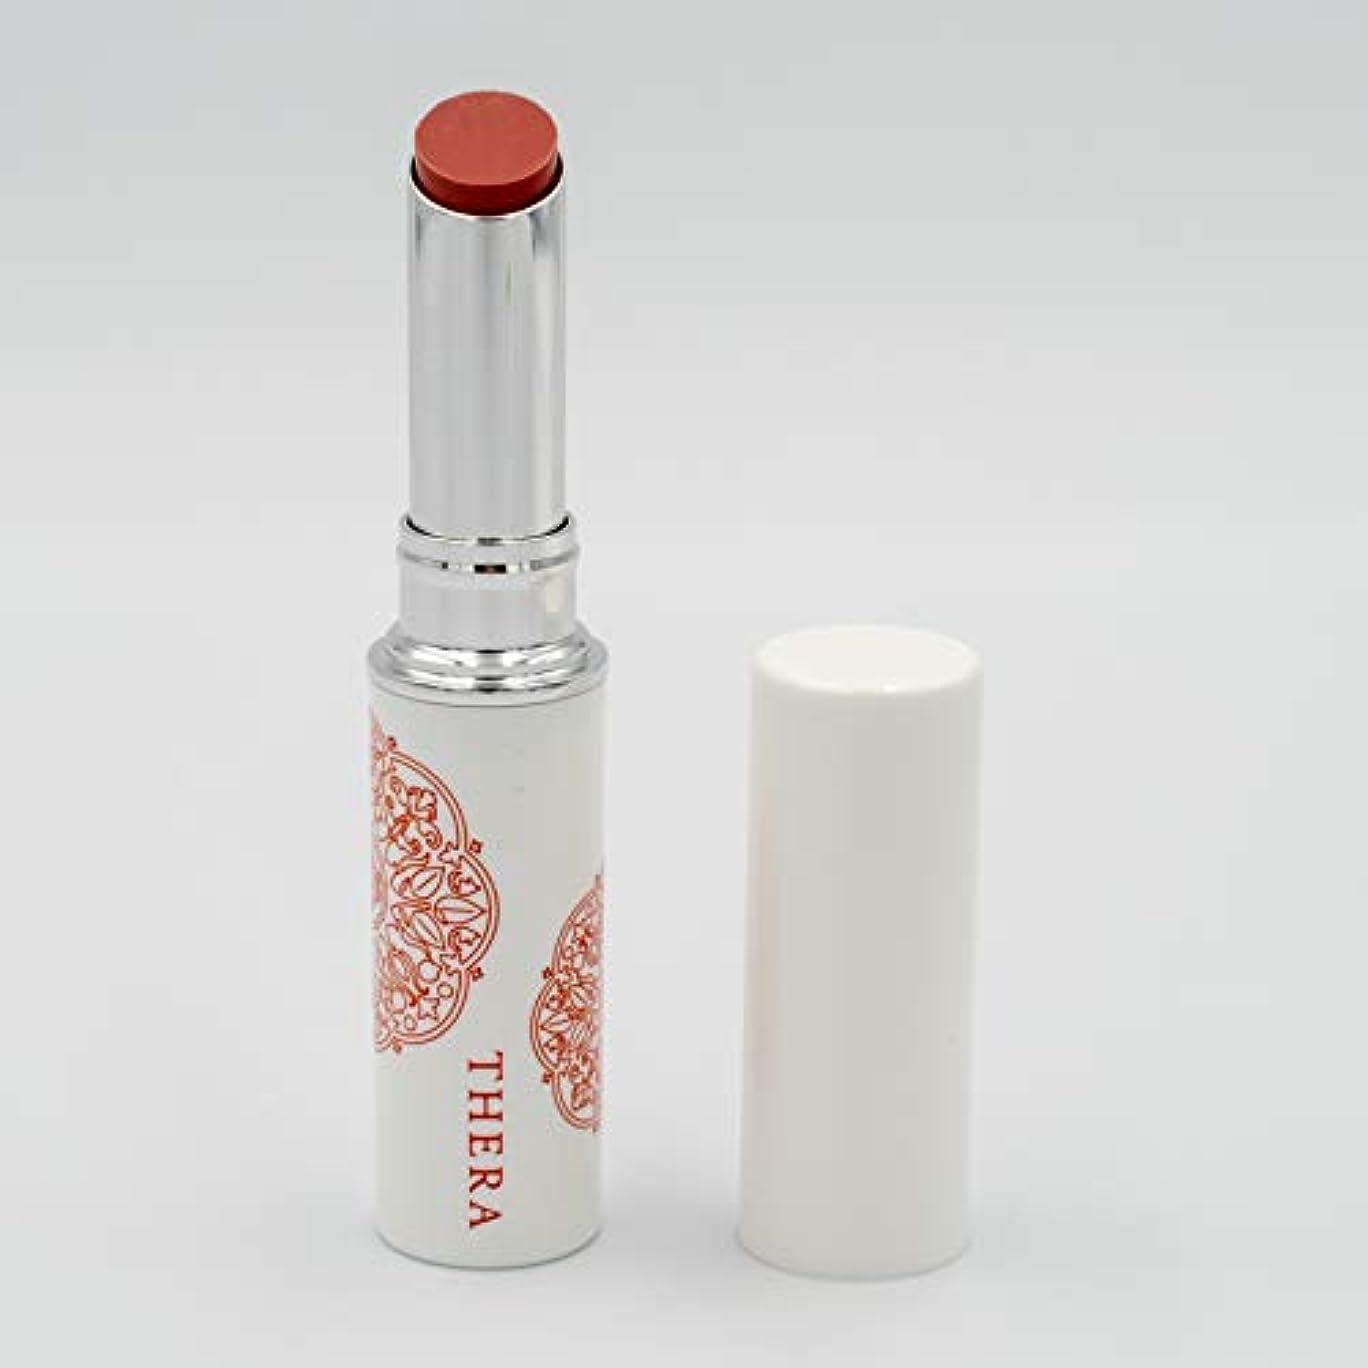 評価する時代遅れソースTHERA(テラ) 日本の美人紅 口紅 やまとなでしこ(桃) 2g